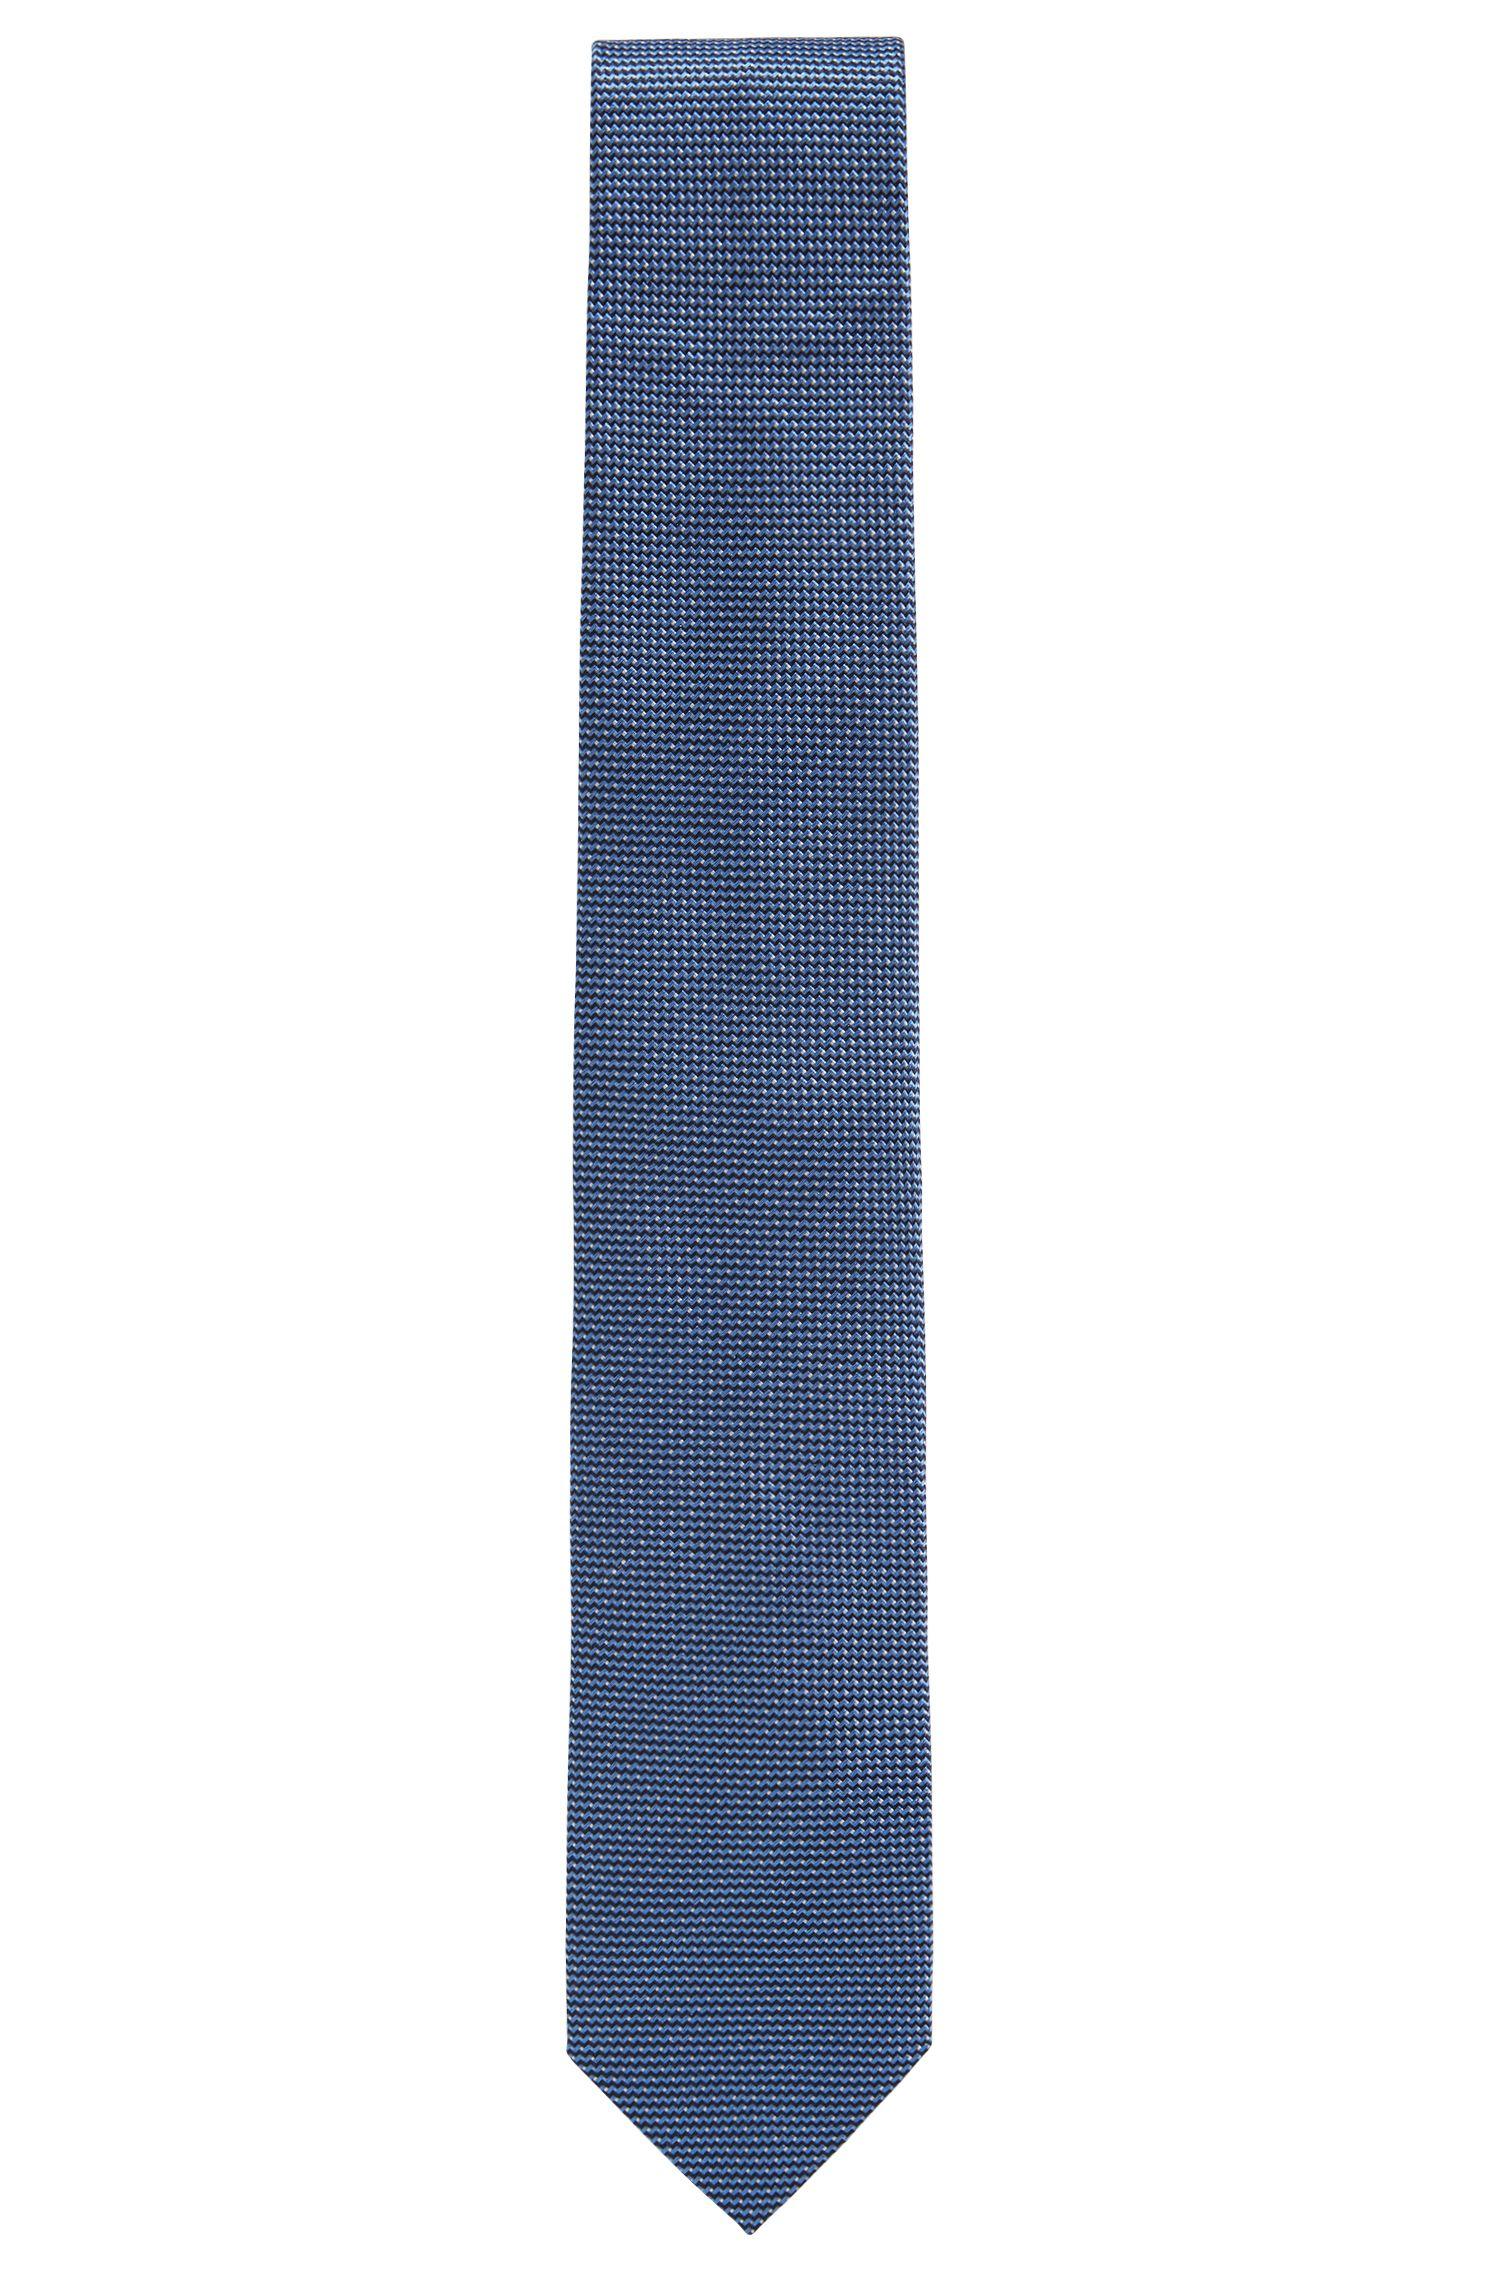 Cravate jacquard à micro-motif en pure soie